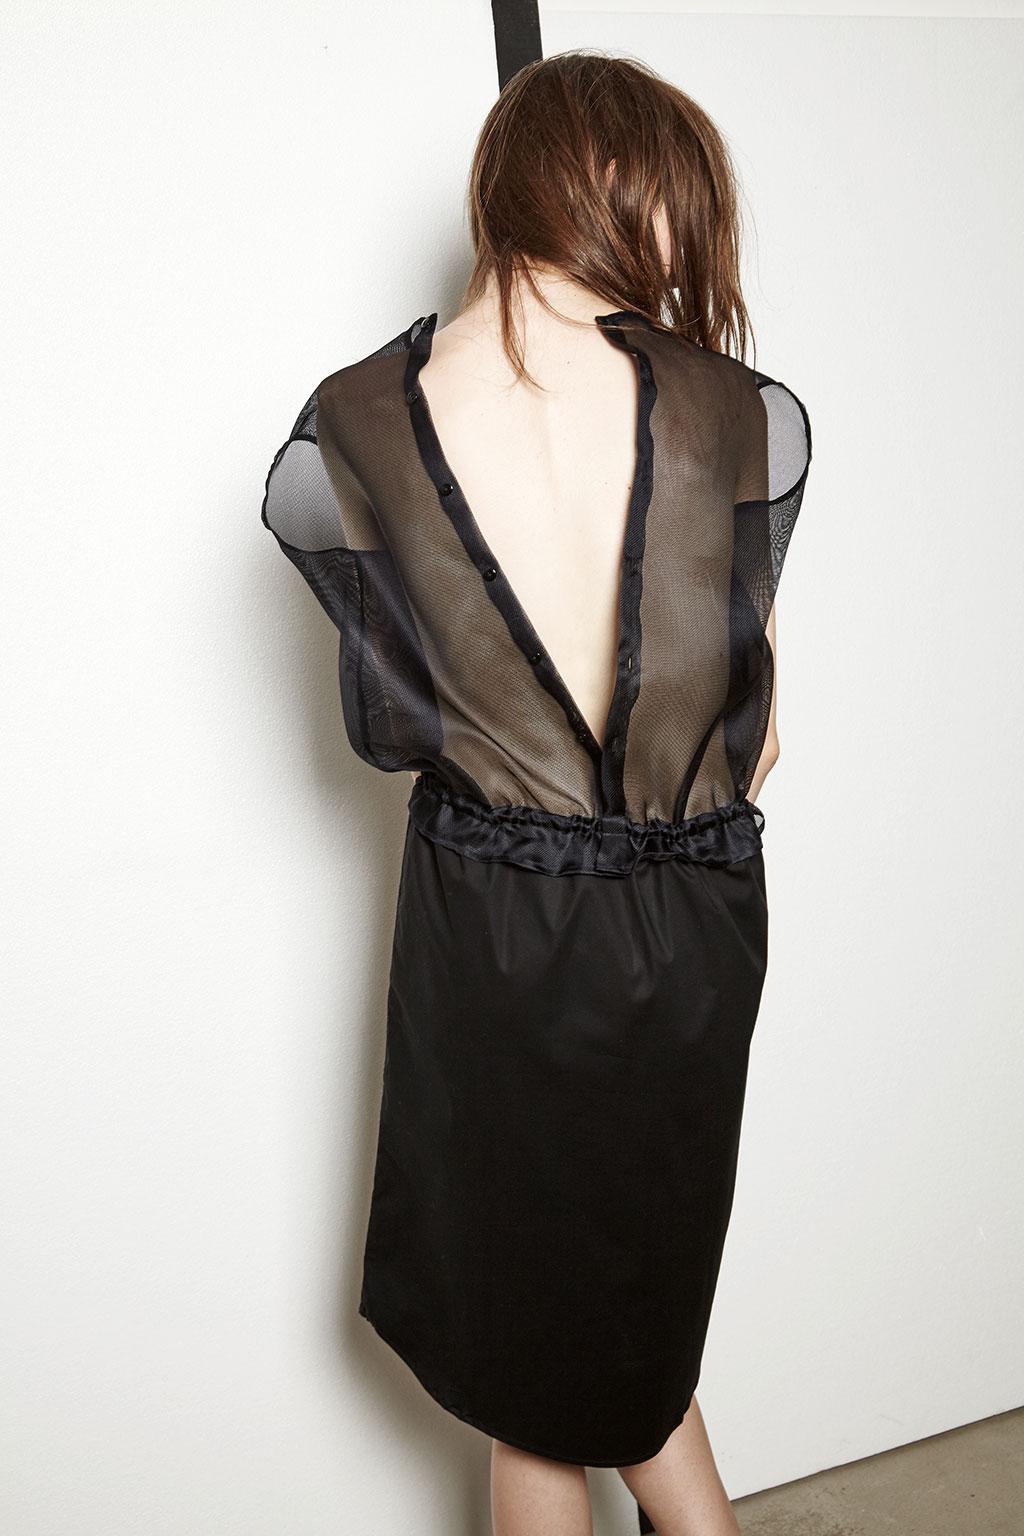 Italian Style Alessia Xoccato style buy online at Lazzari Store